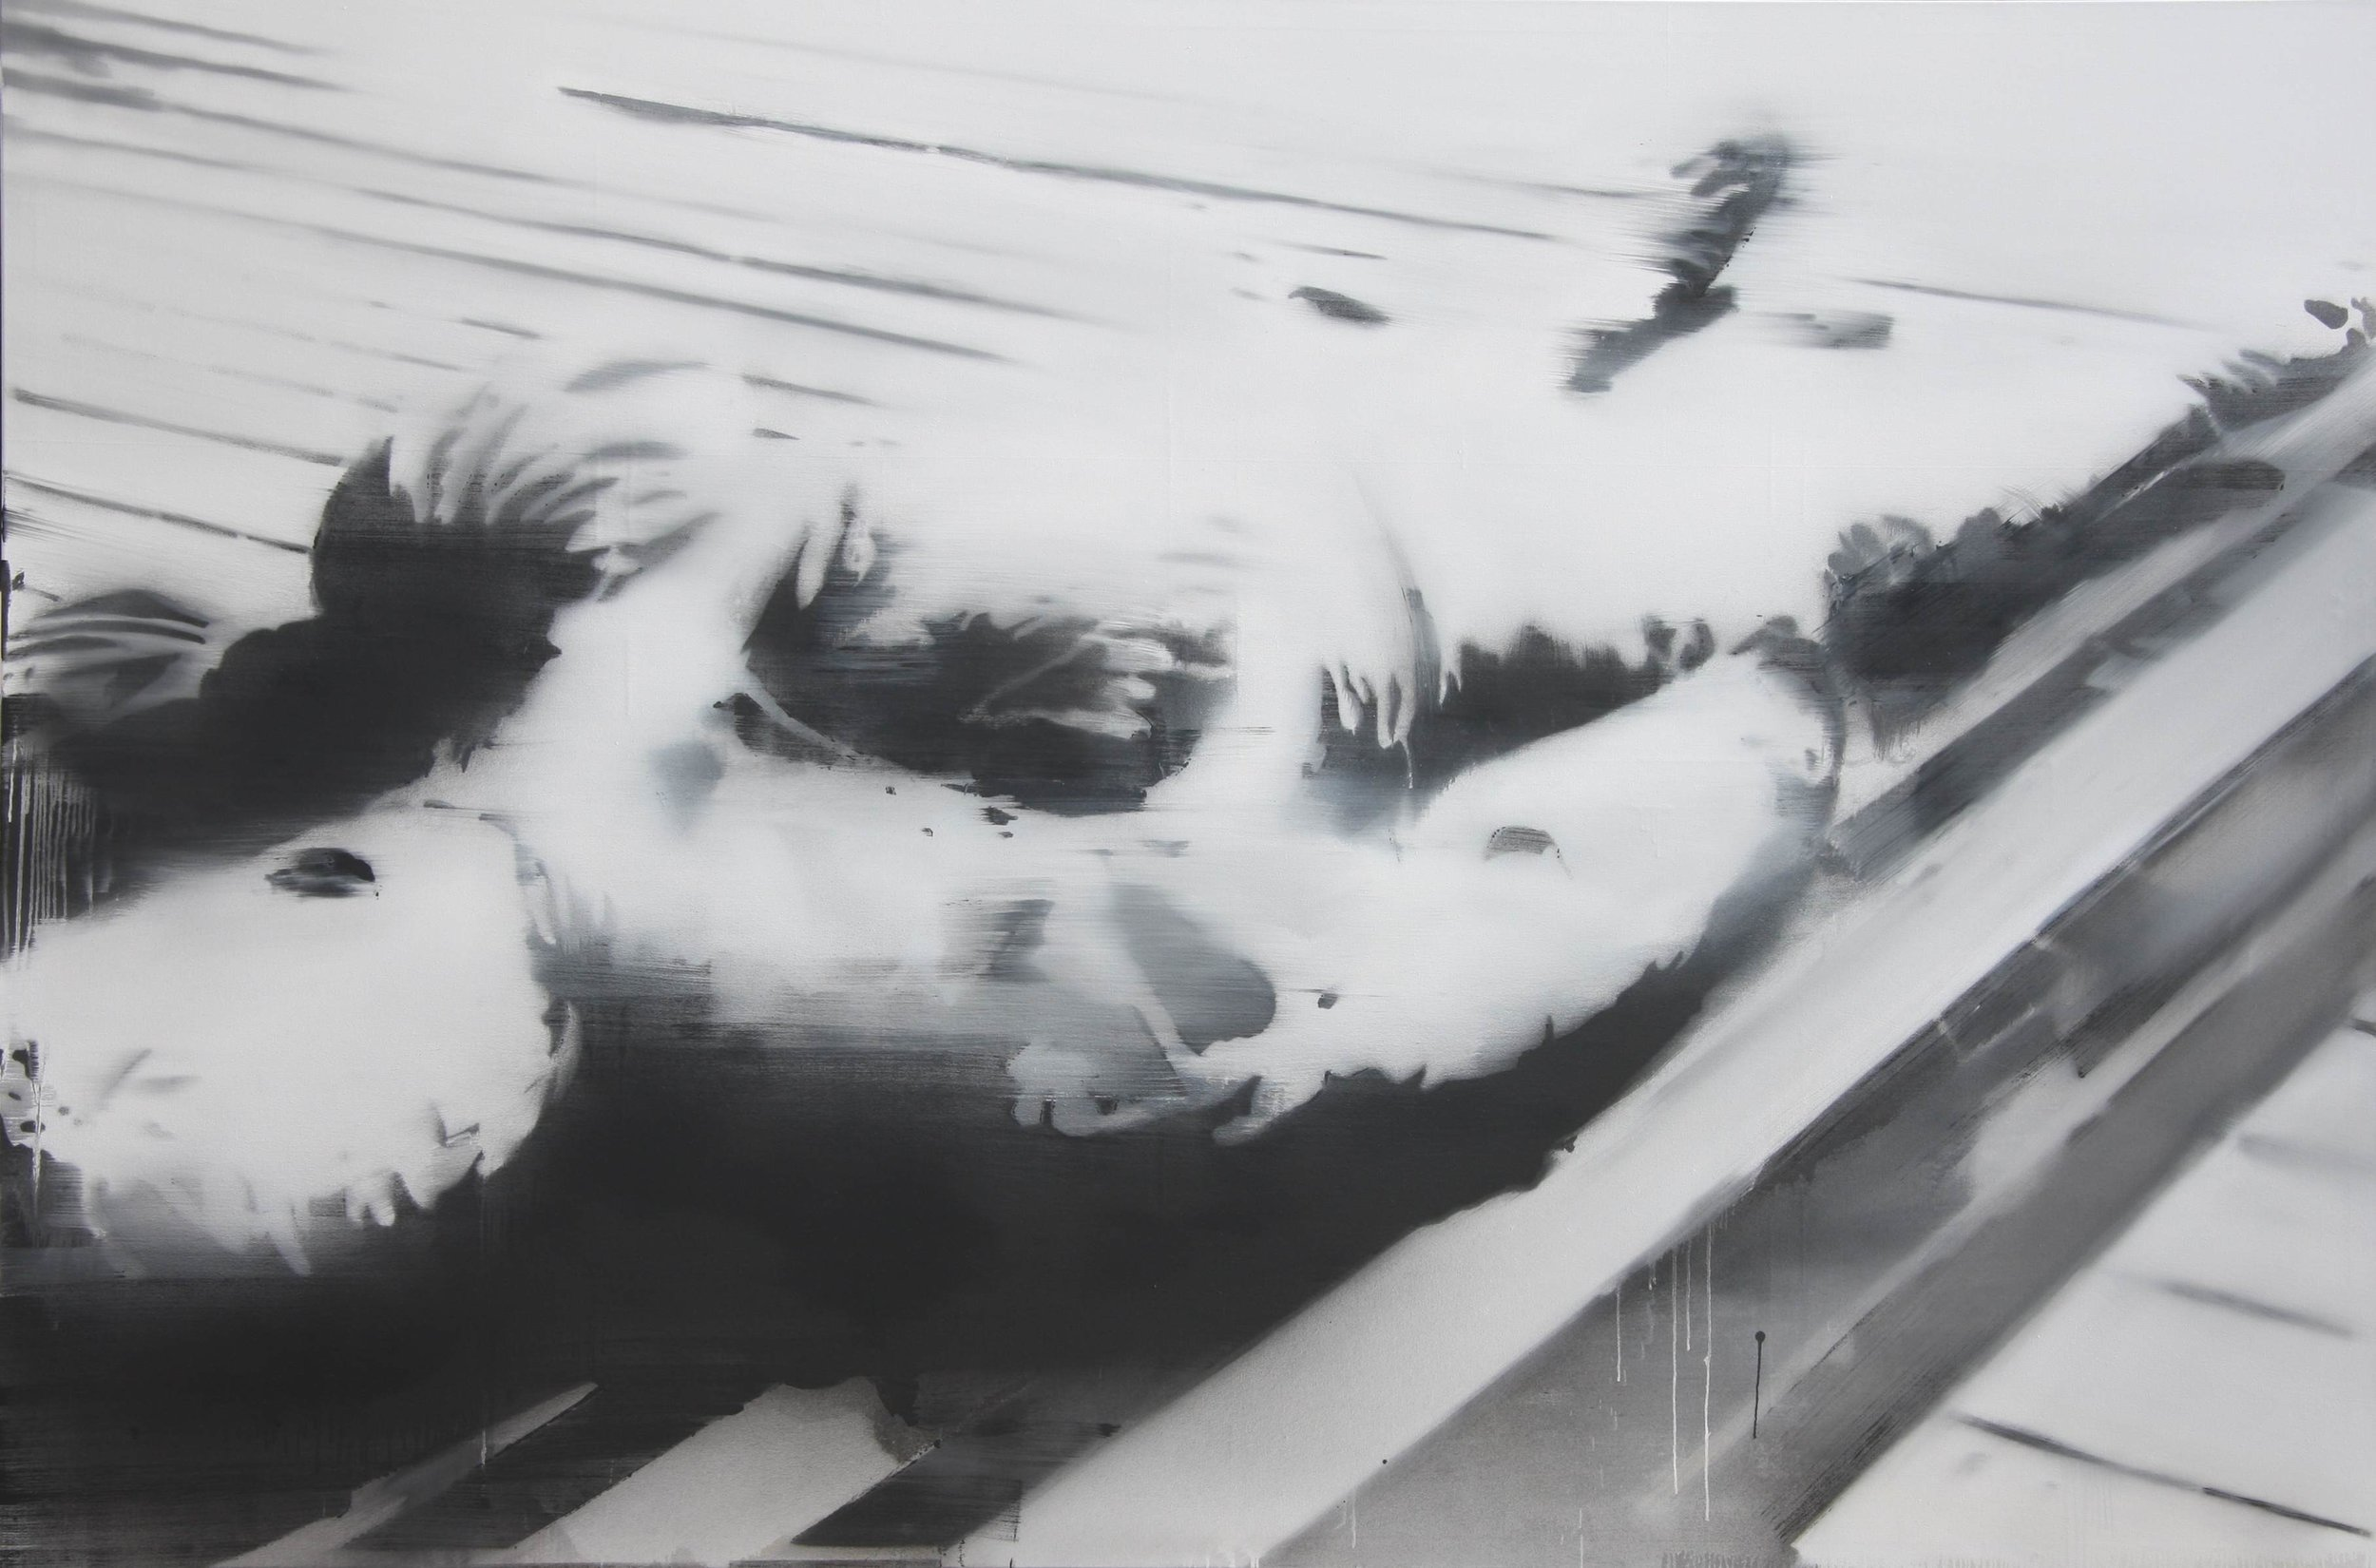 Kopie von 1020003 2010 Öl-Leinwand 200 x 300 cm